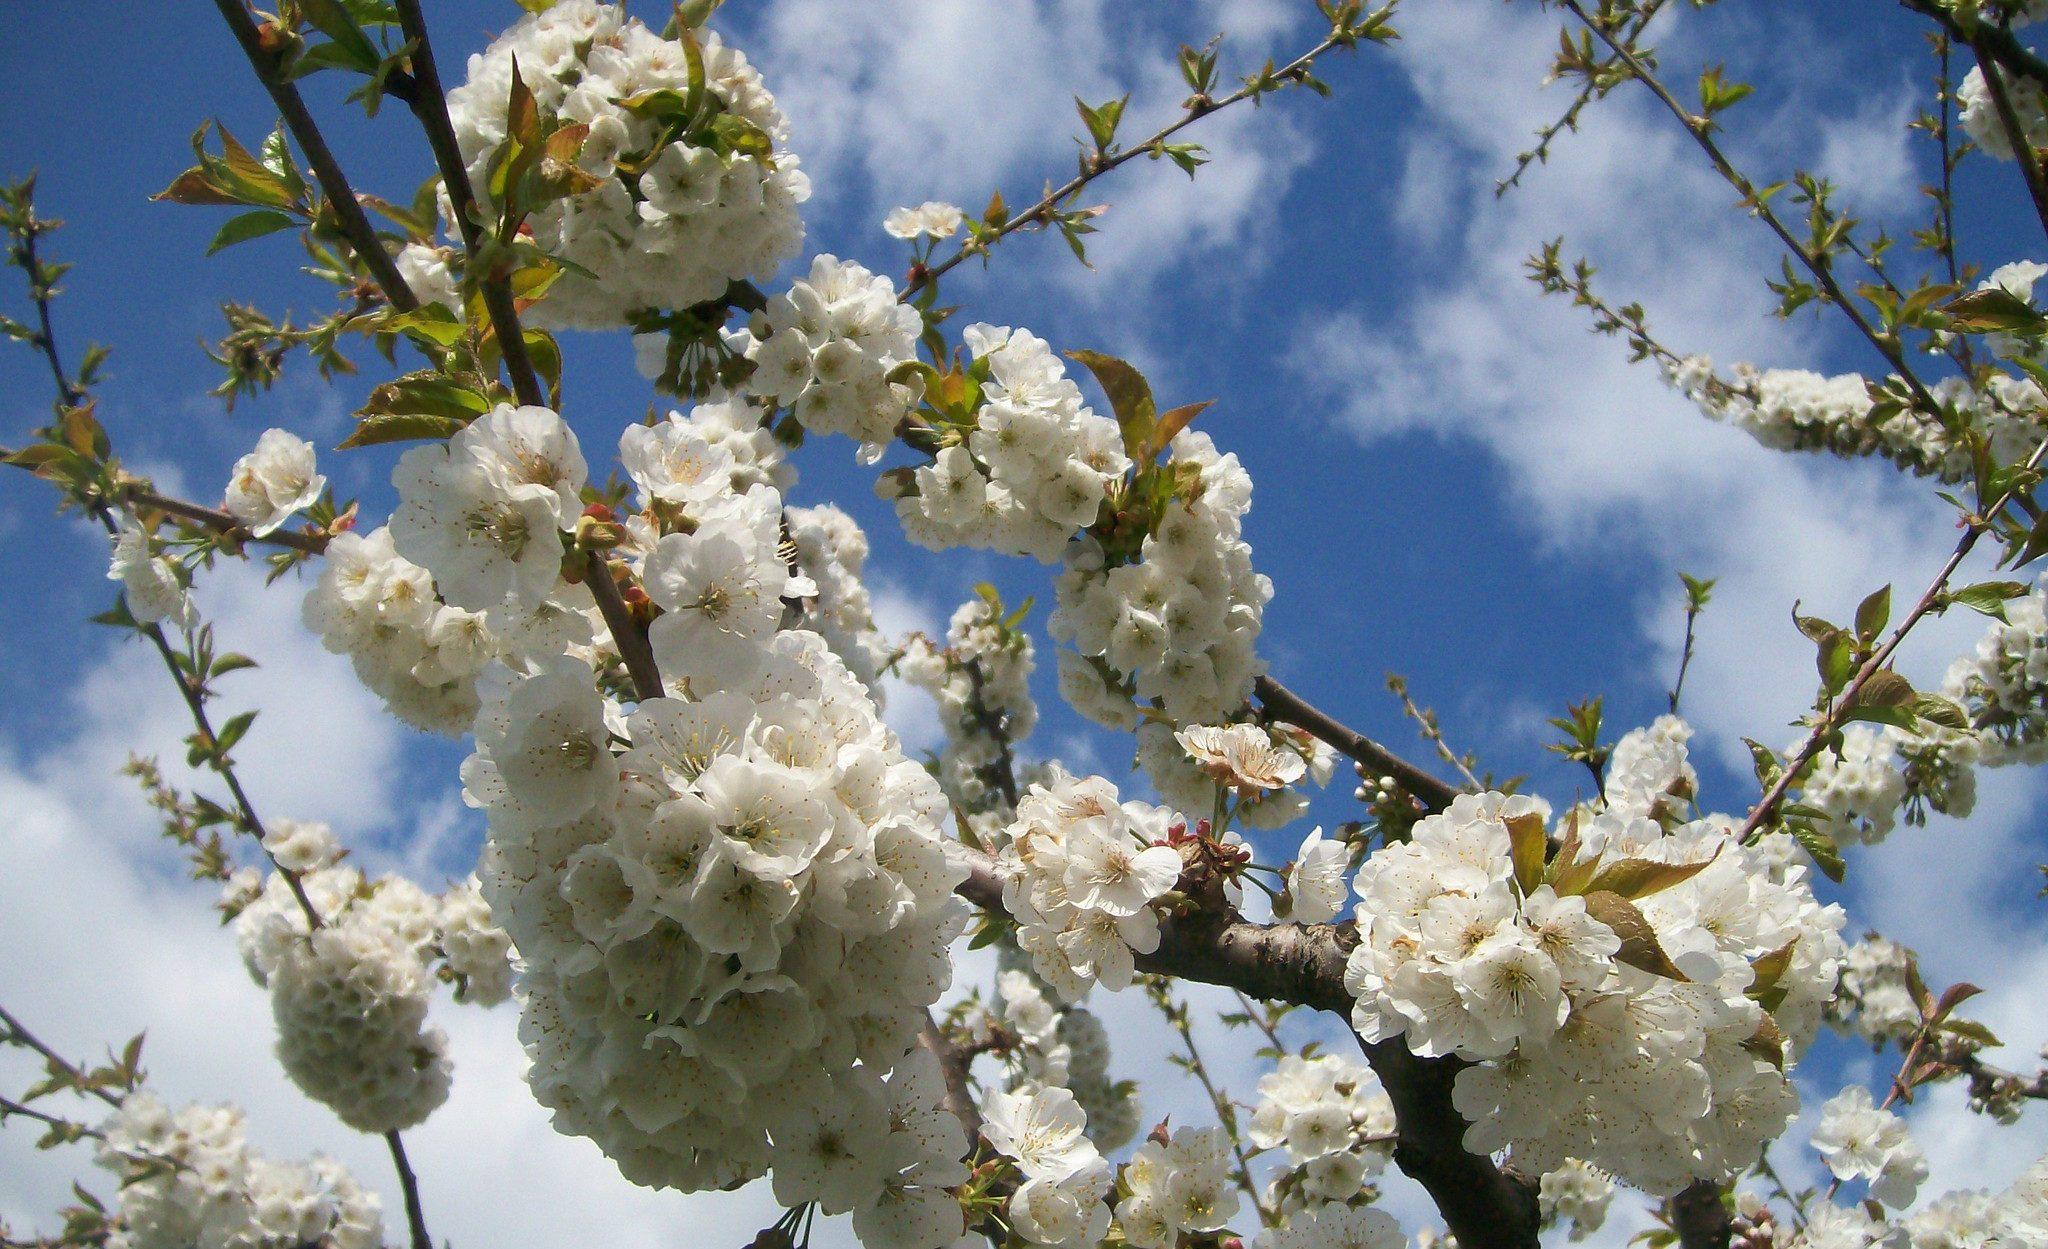 festa dei ciliegi in fiore vignola 2020